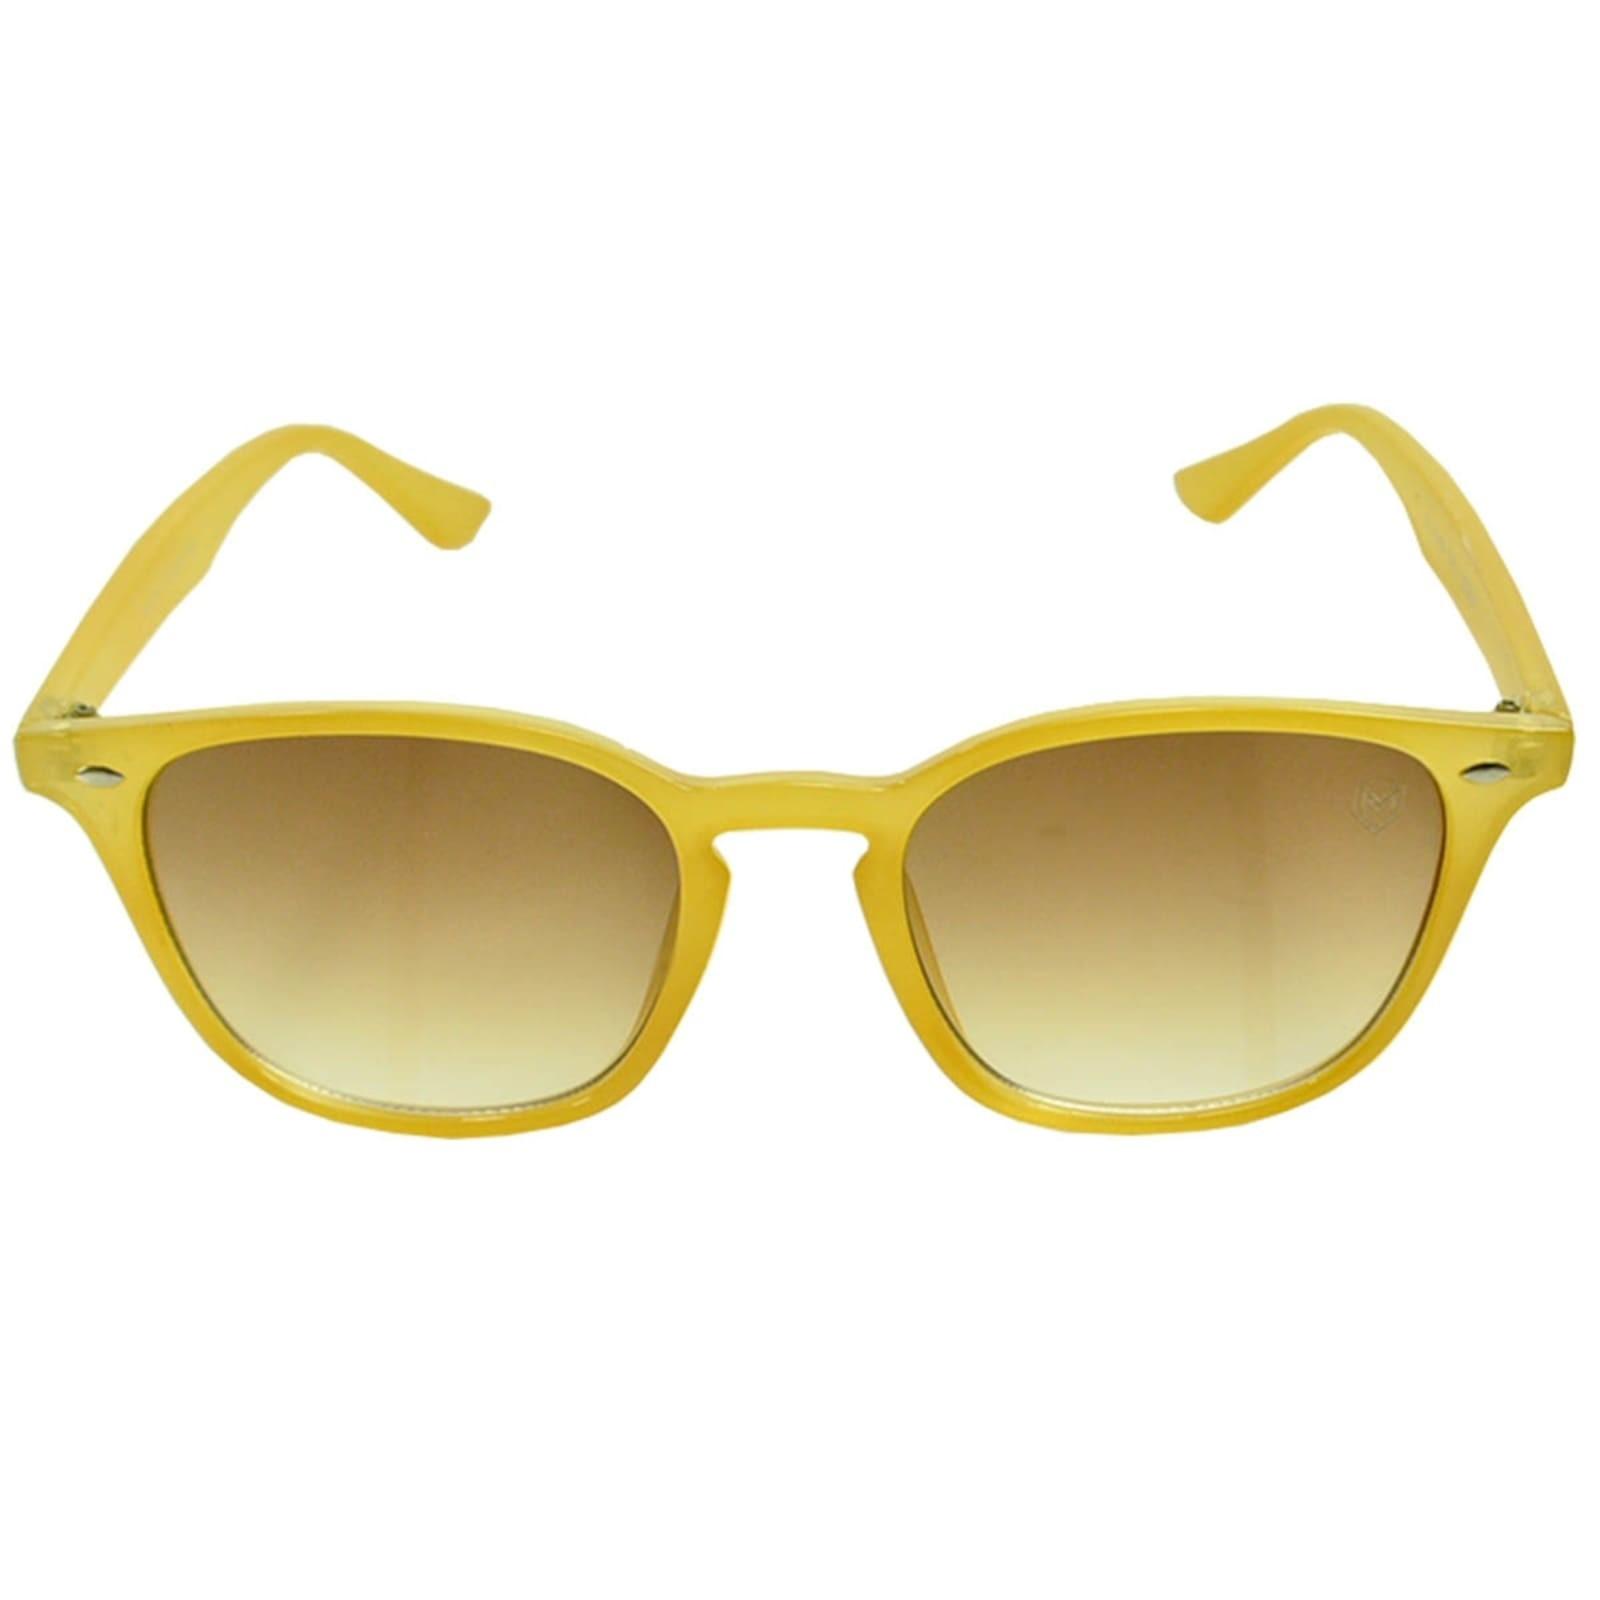 Óculos De Sol Mackage Unissex Acetato Quadrado Wayfarer - Amarelo